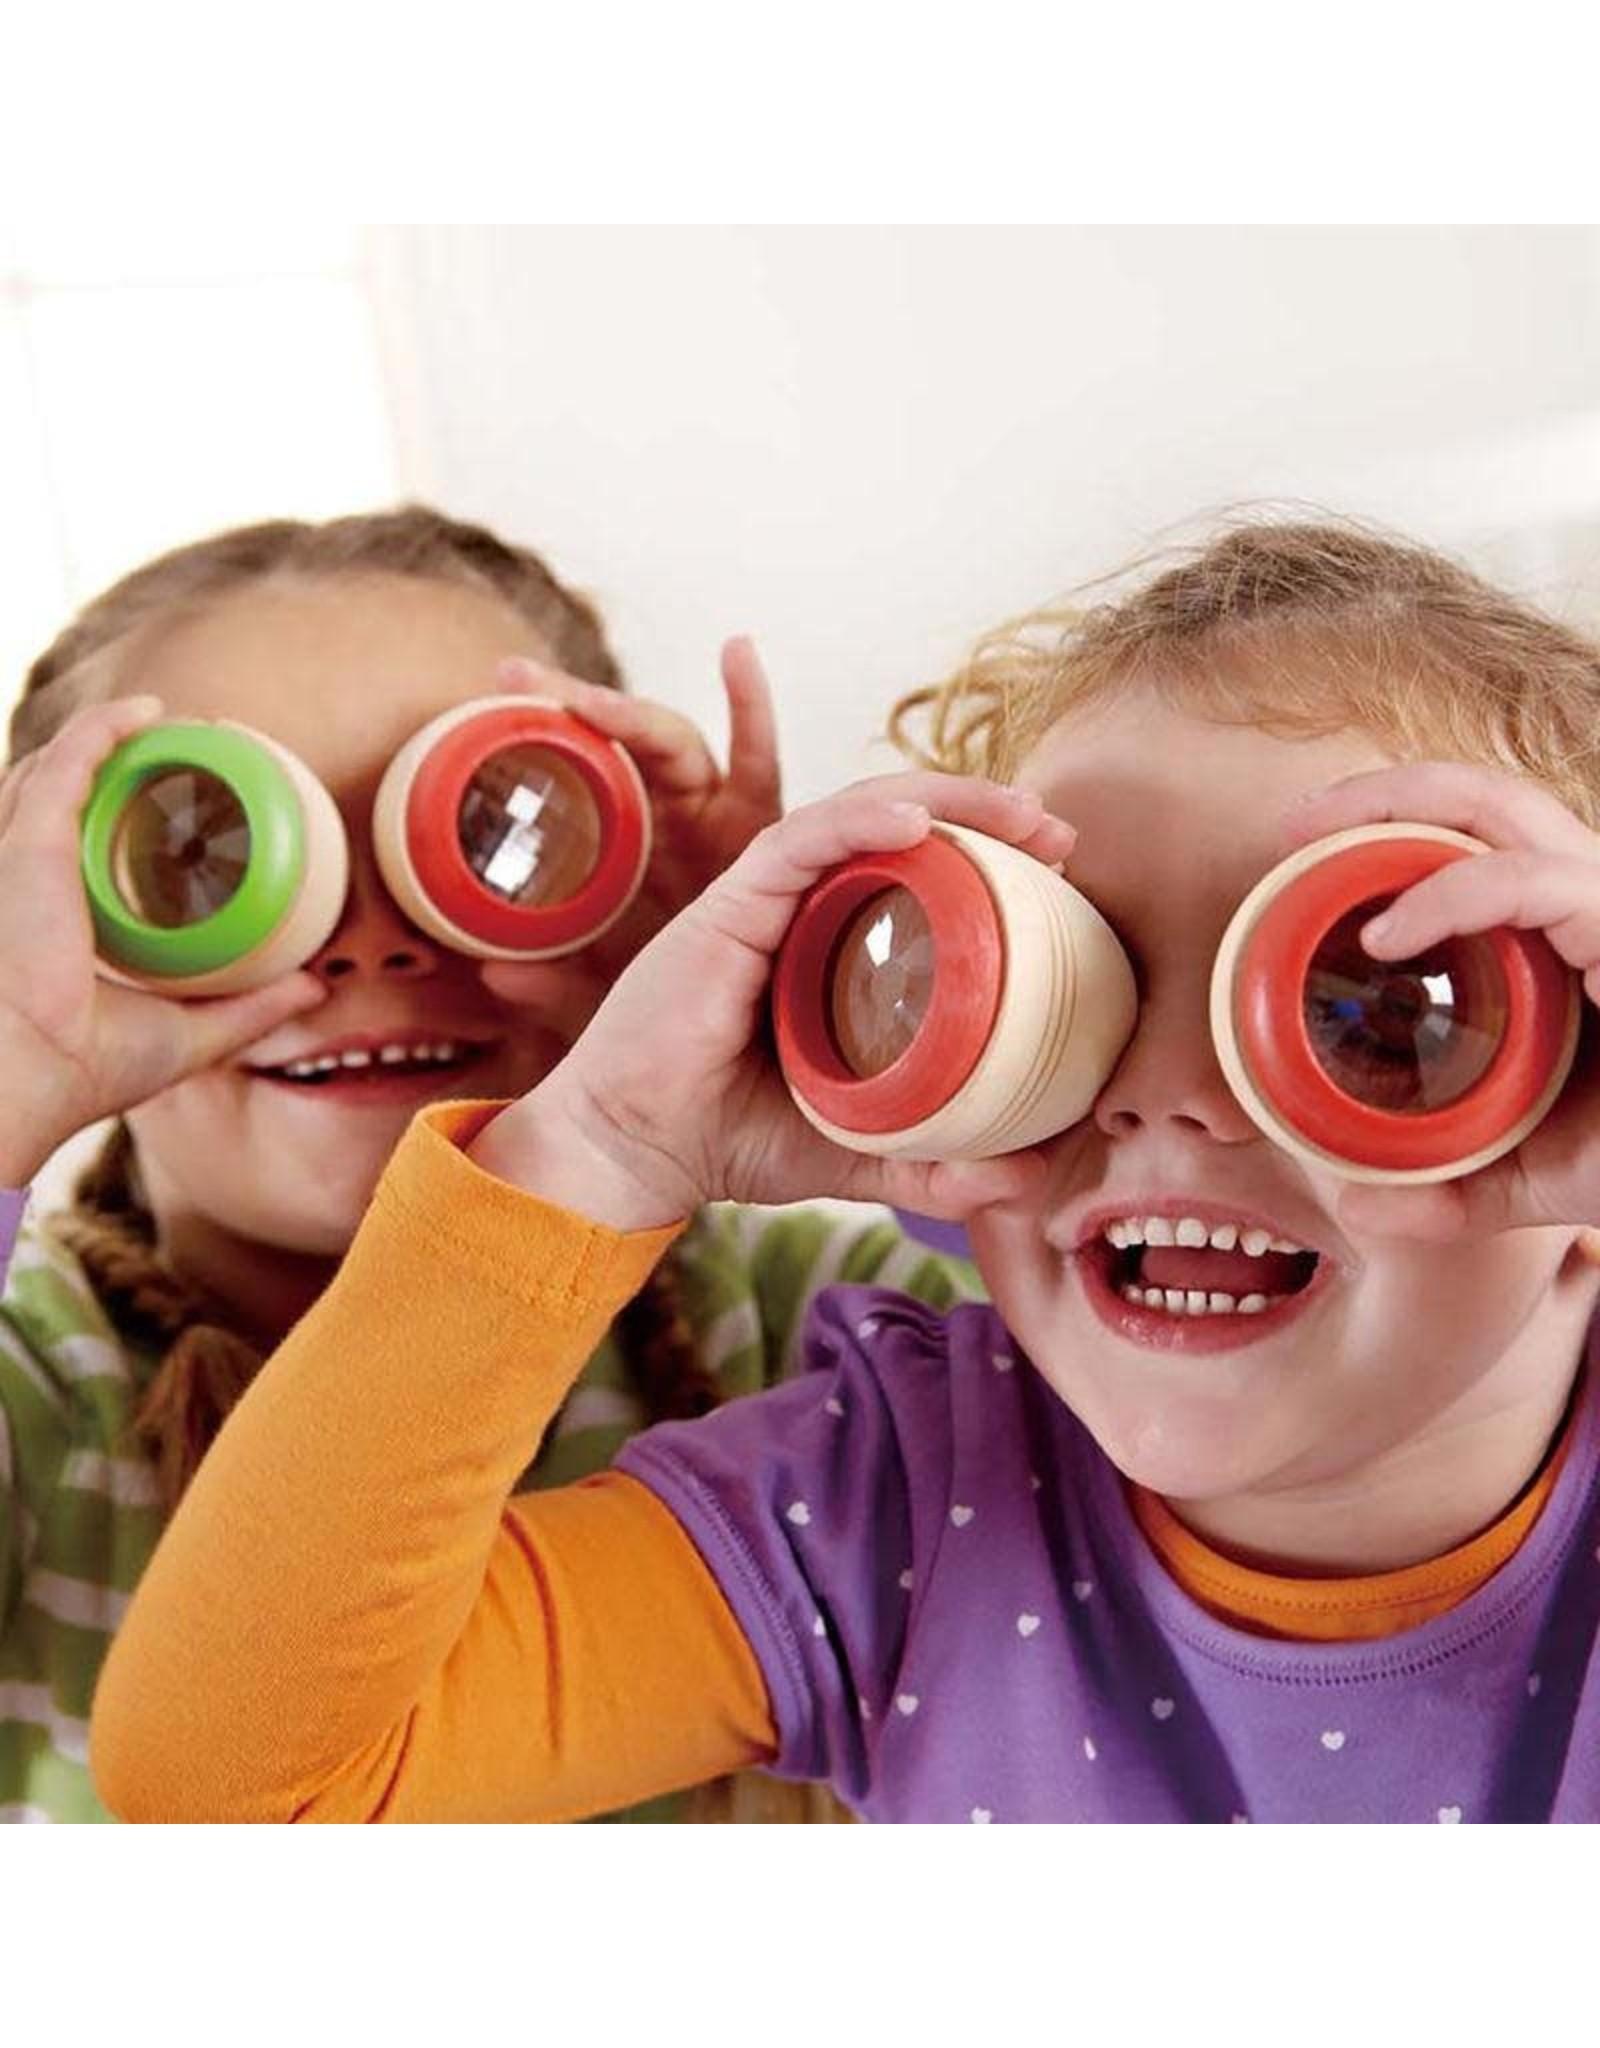 Hape Eye Spies